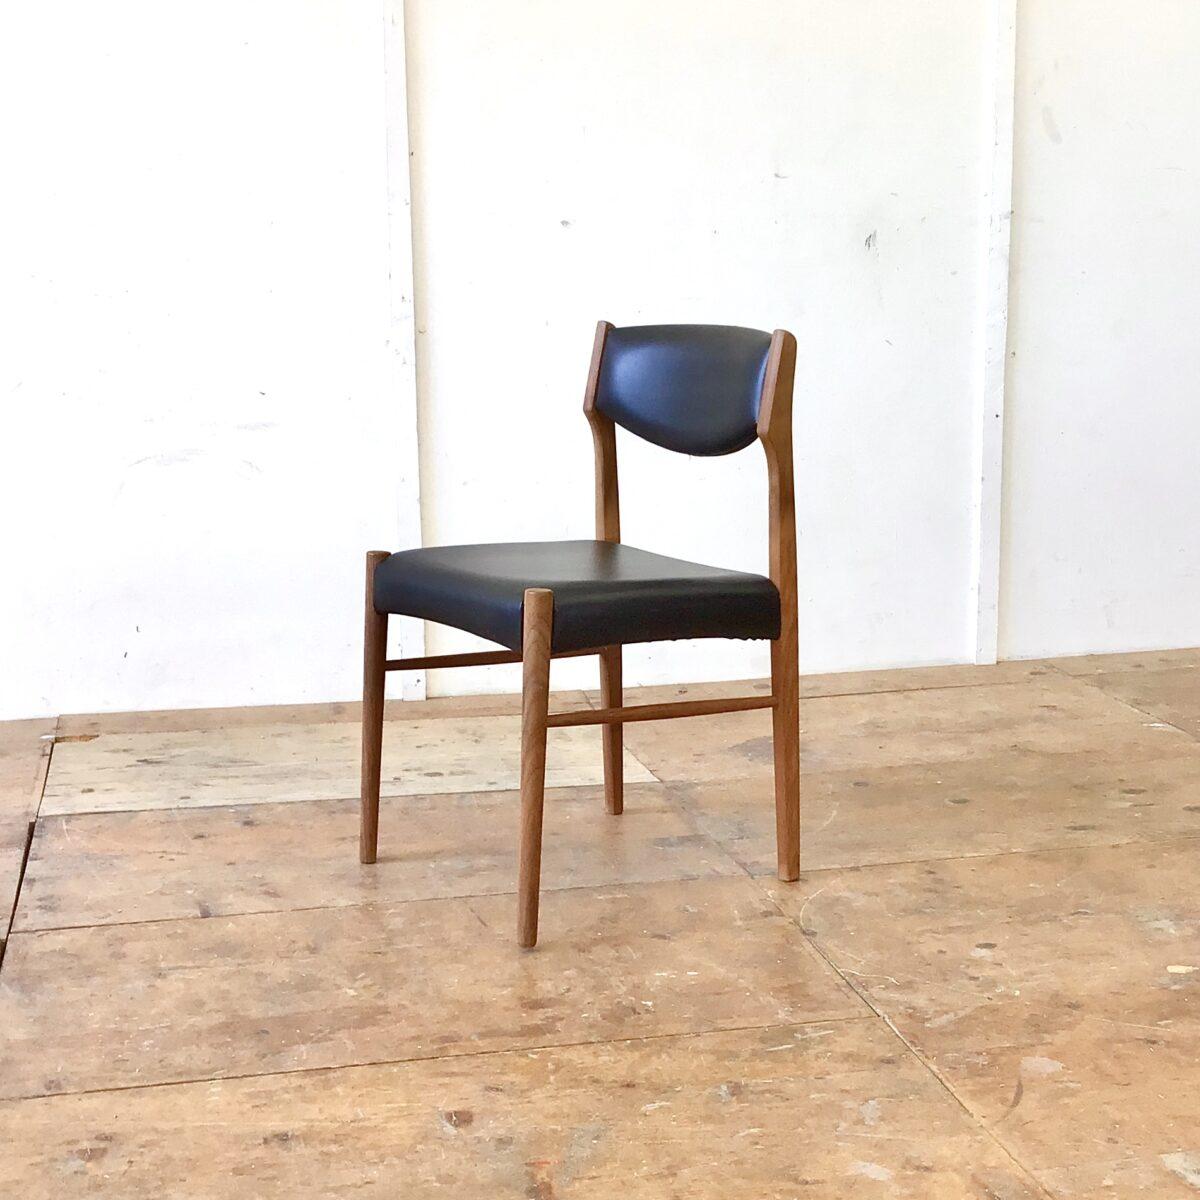 6 Midcentury Esszimmer Stühle von SAX Denmark. Stabiler guter Zustand, Lehne und Sitzfläche schwarzes Kunstleder oder Vinyl. Zwei haben kleinere Risse beim Bezug an der Lehne. Ist auf den Fotos ersichtlich.